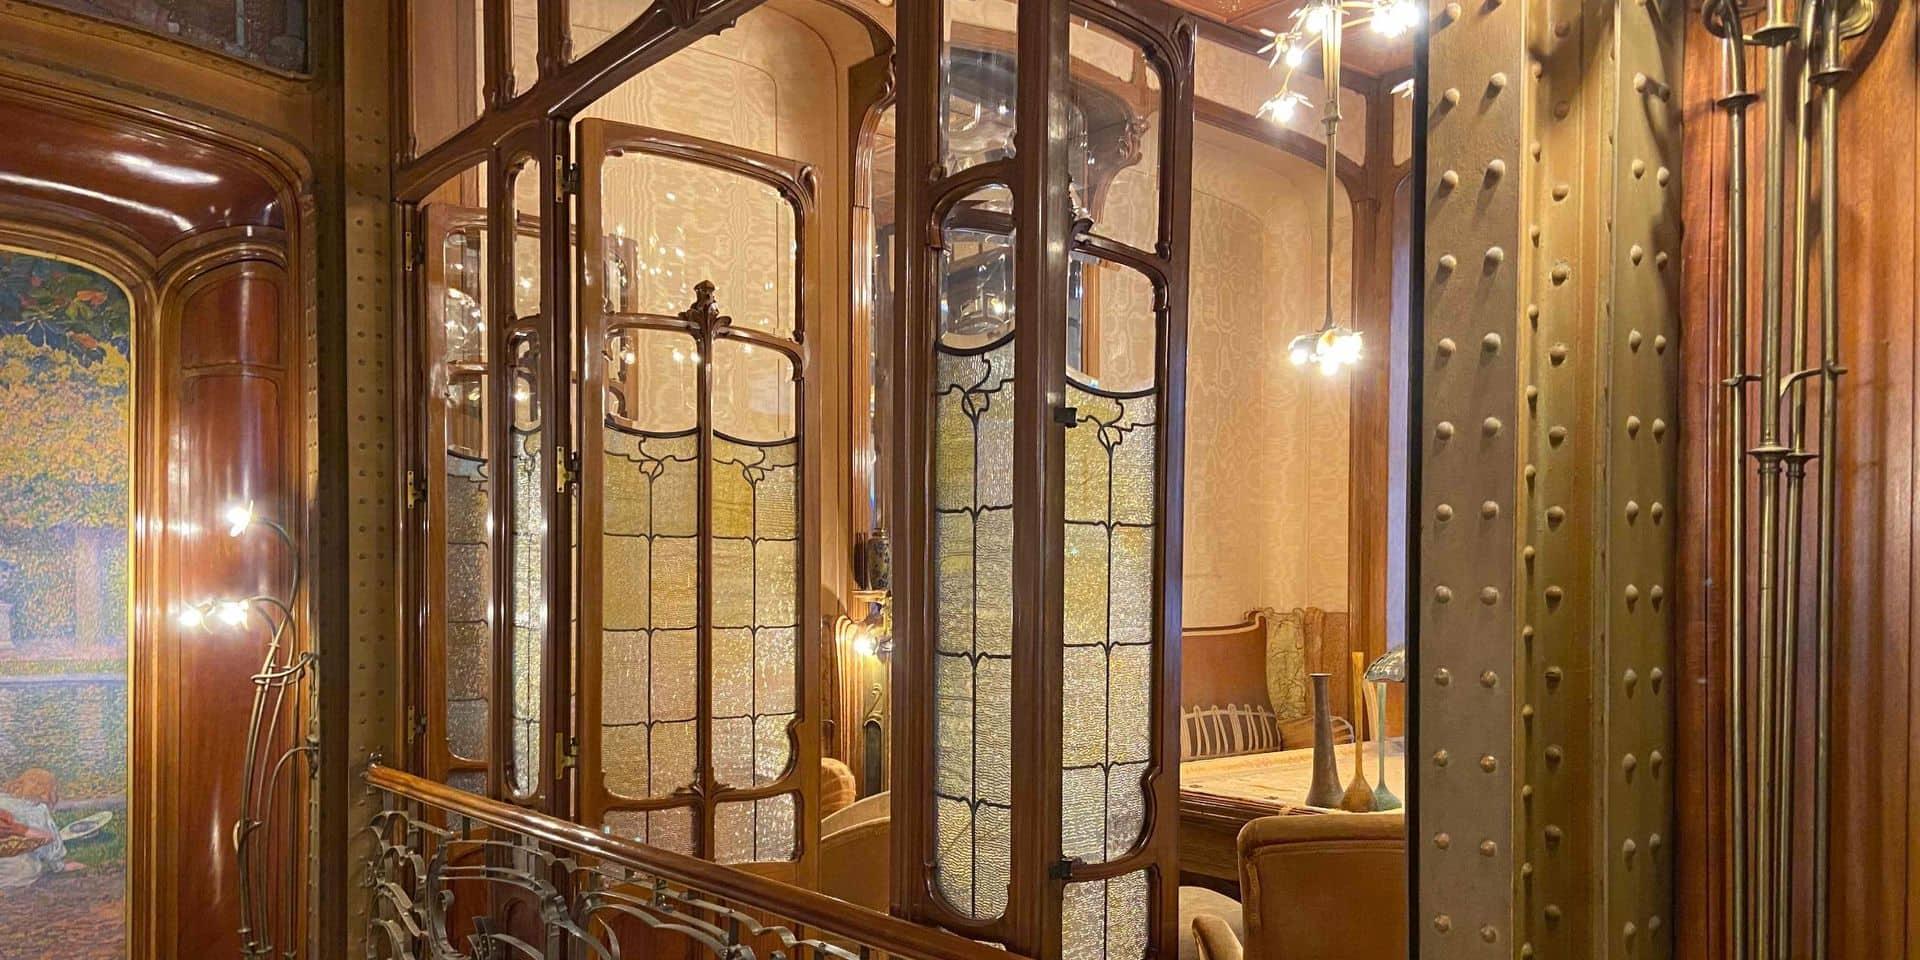 L'Hôtel Solvay, chef-d'oeuvre d'Horta, s'ouvre au public